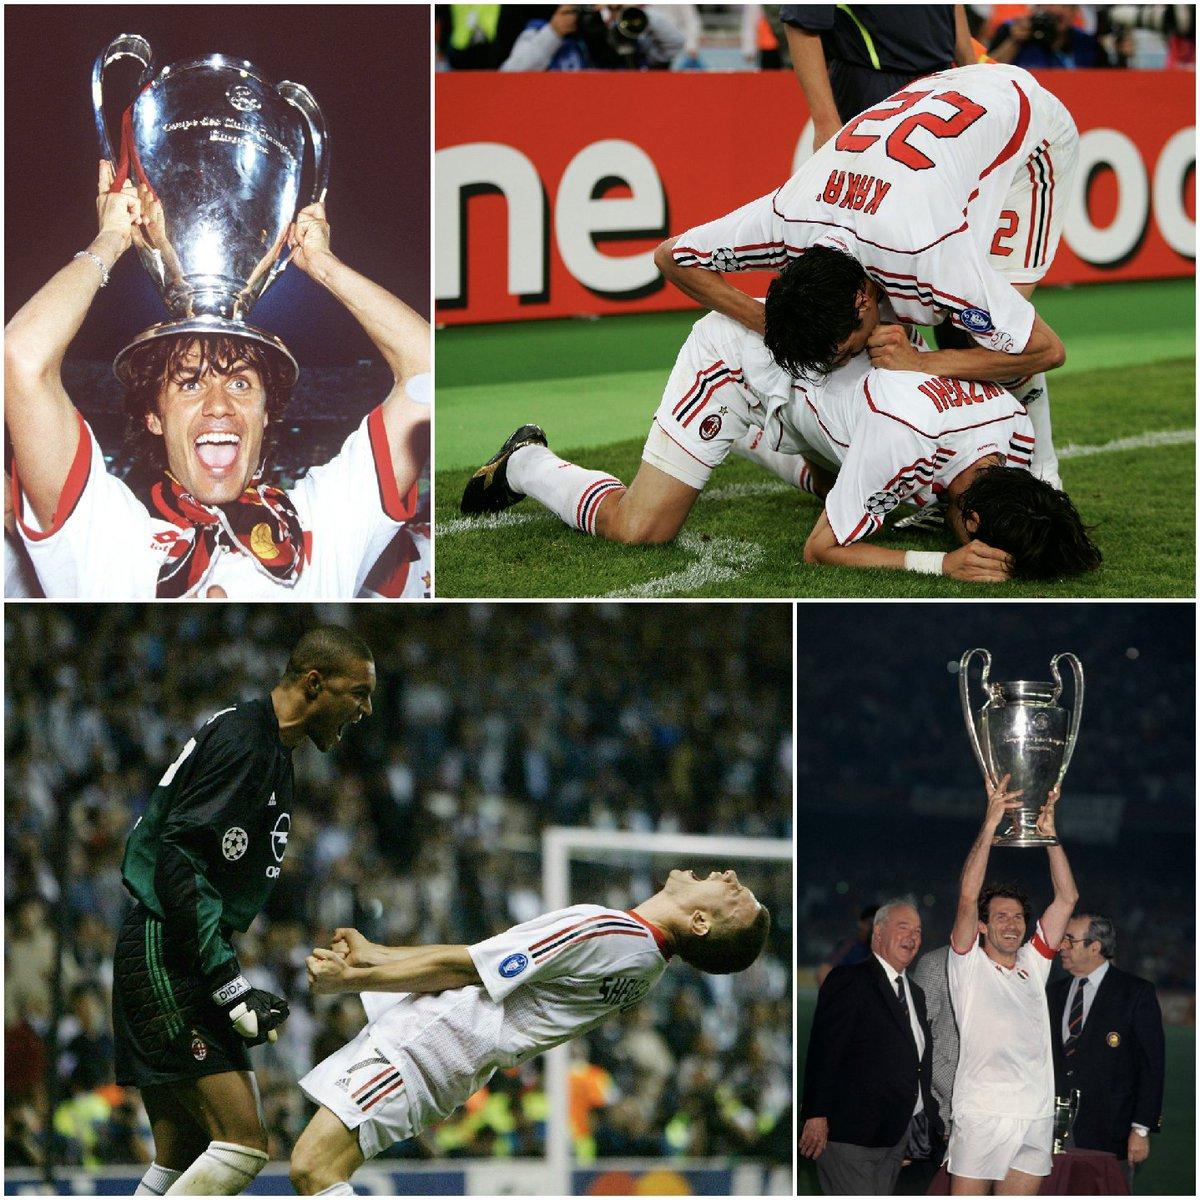 🔴⚫ 1️⃣1️⃣8️⃣  Buon compleanno @acmilan 🎂👏  @ChampionsLeague 7🏆 @SerieA_TIM 18🏆 FIFA #ClubWC / Coppa Intercontinentale 4 🏆 Supercoppa UEFA 5🏆 Coppa Italia 5🏆 Coppa delle Coppe 2🏆